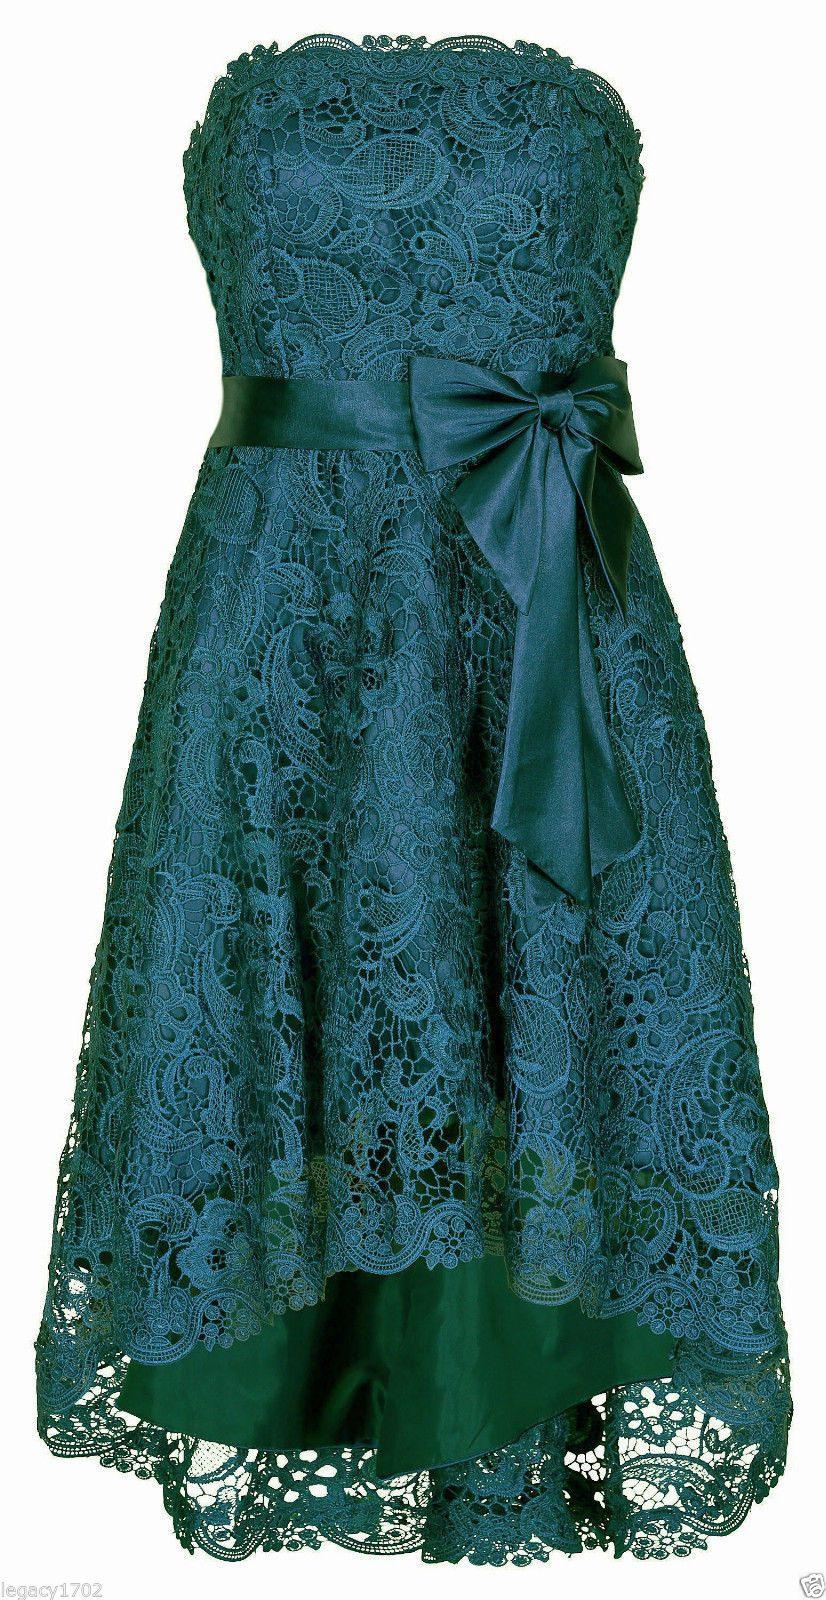 10 Genial Abendkleid Juju Christine Spezialgebiet Schön Abendkleid Juju Christine Design